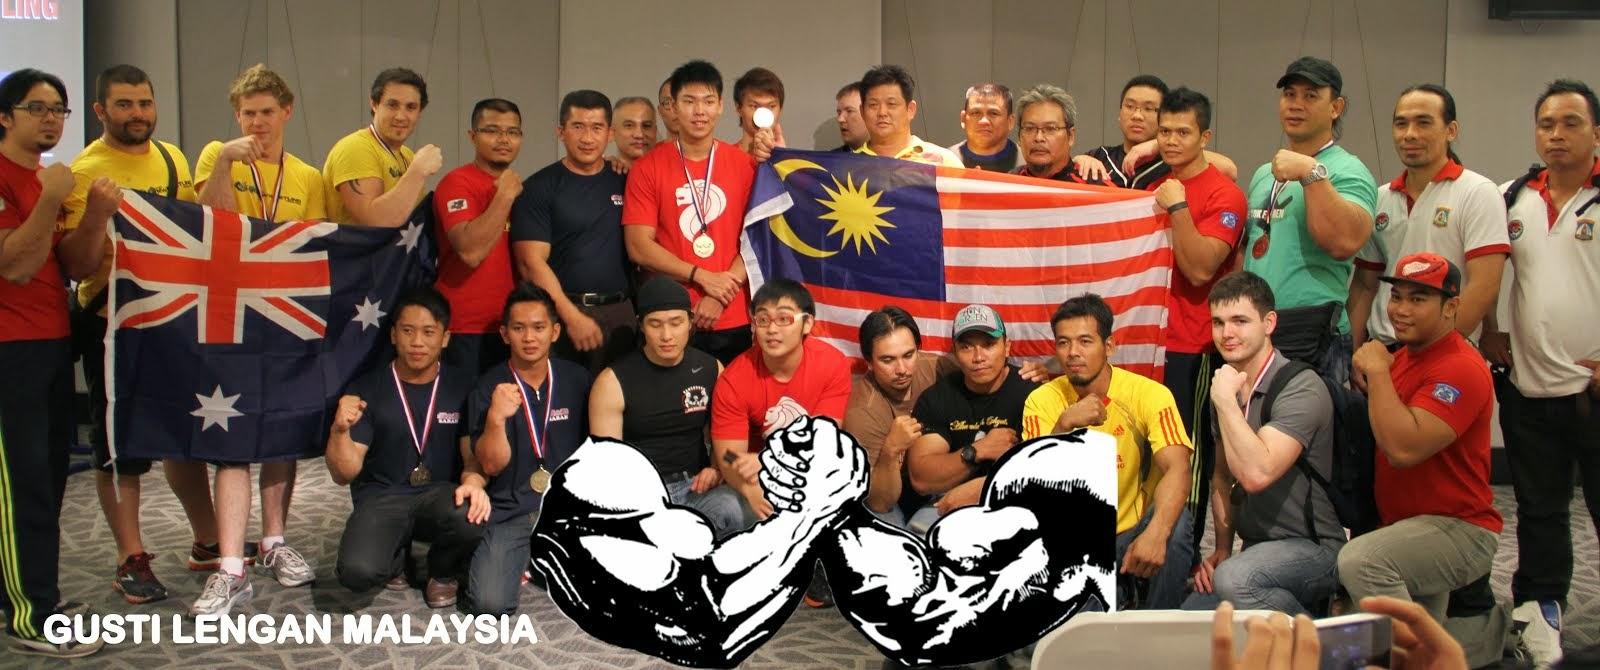 GUSTI LENGAN MALAYSIA